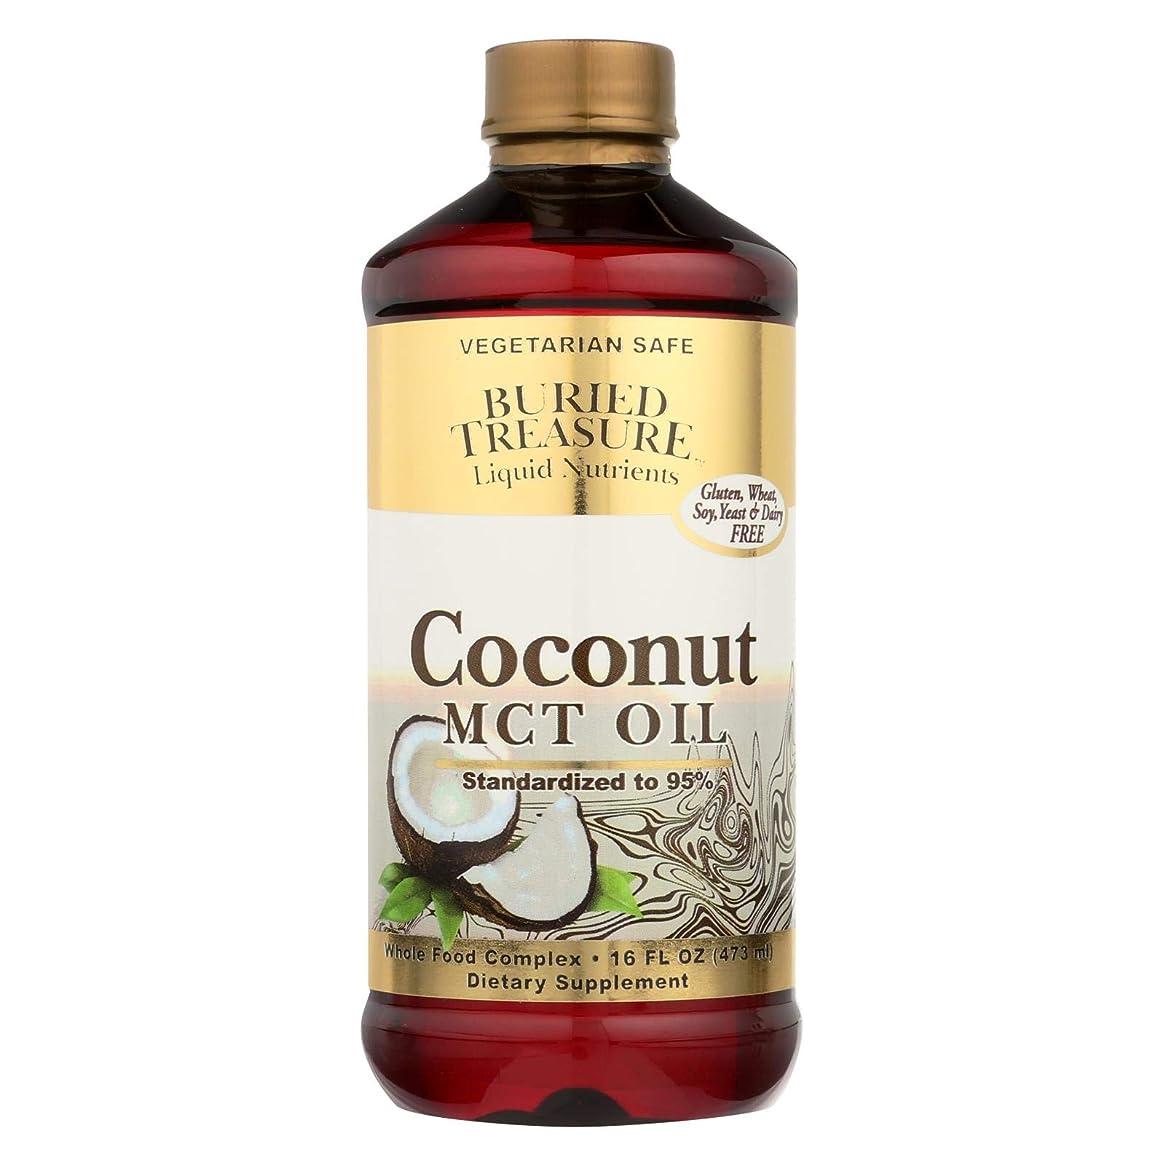 風変わりな立方体オープニング海外直送品Coconut Oil MCT, 16 oz by Buried Treasure